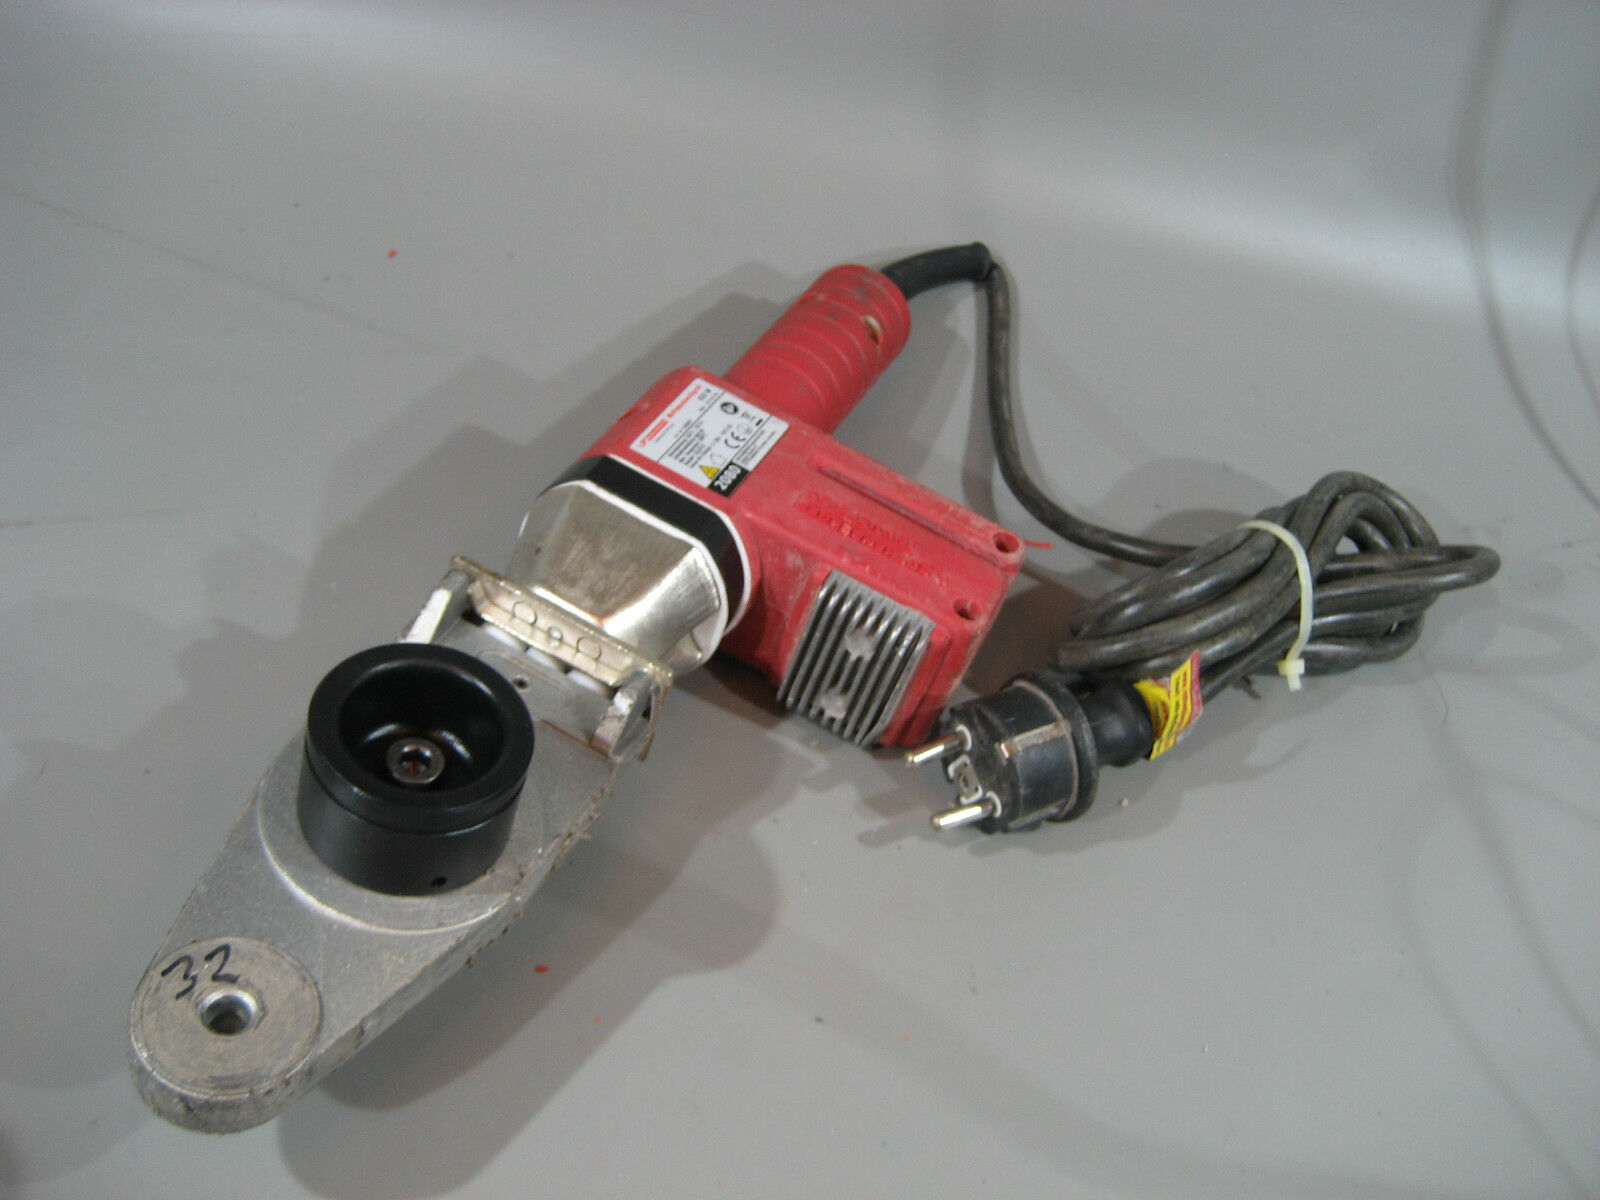 Rothenberger Muffenschweißgerät 650 W + 32 mm PVC Kunsstoffrohr Schweißtopf